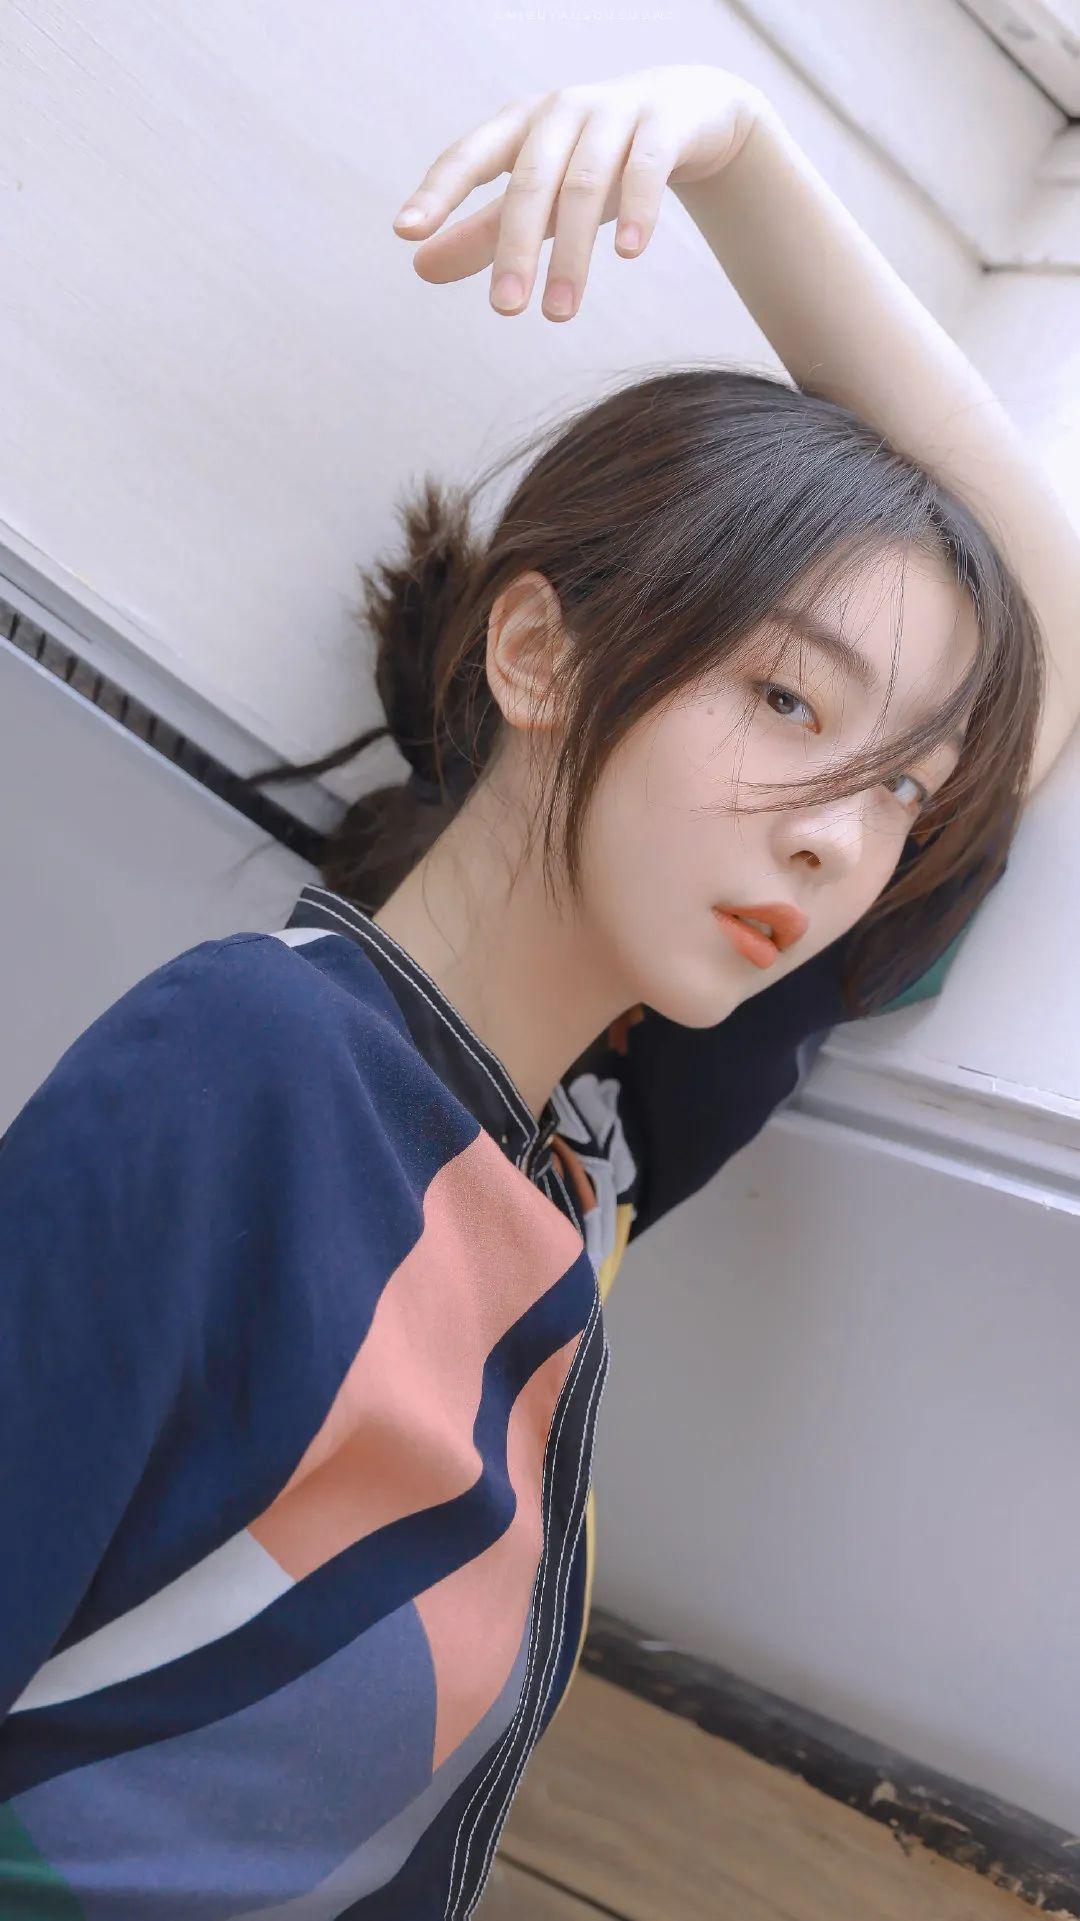 妹子写真 – 赵小棠和Angelababy,谁更有仙气呢?_图片 No.1